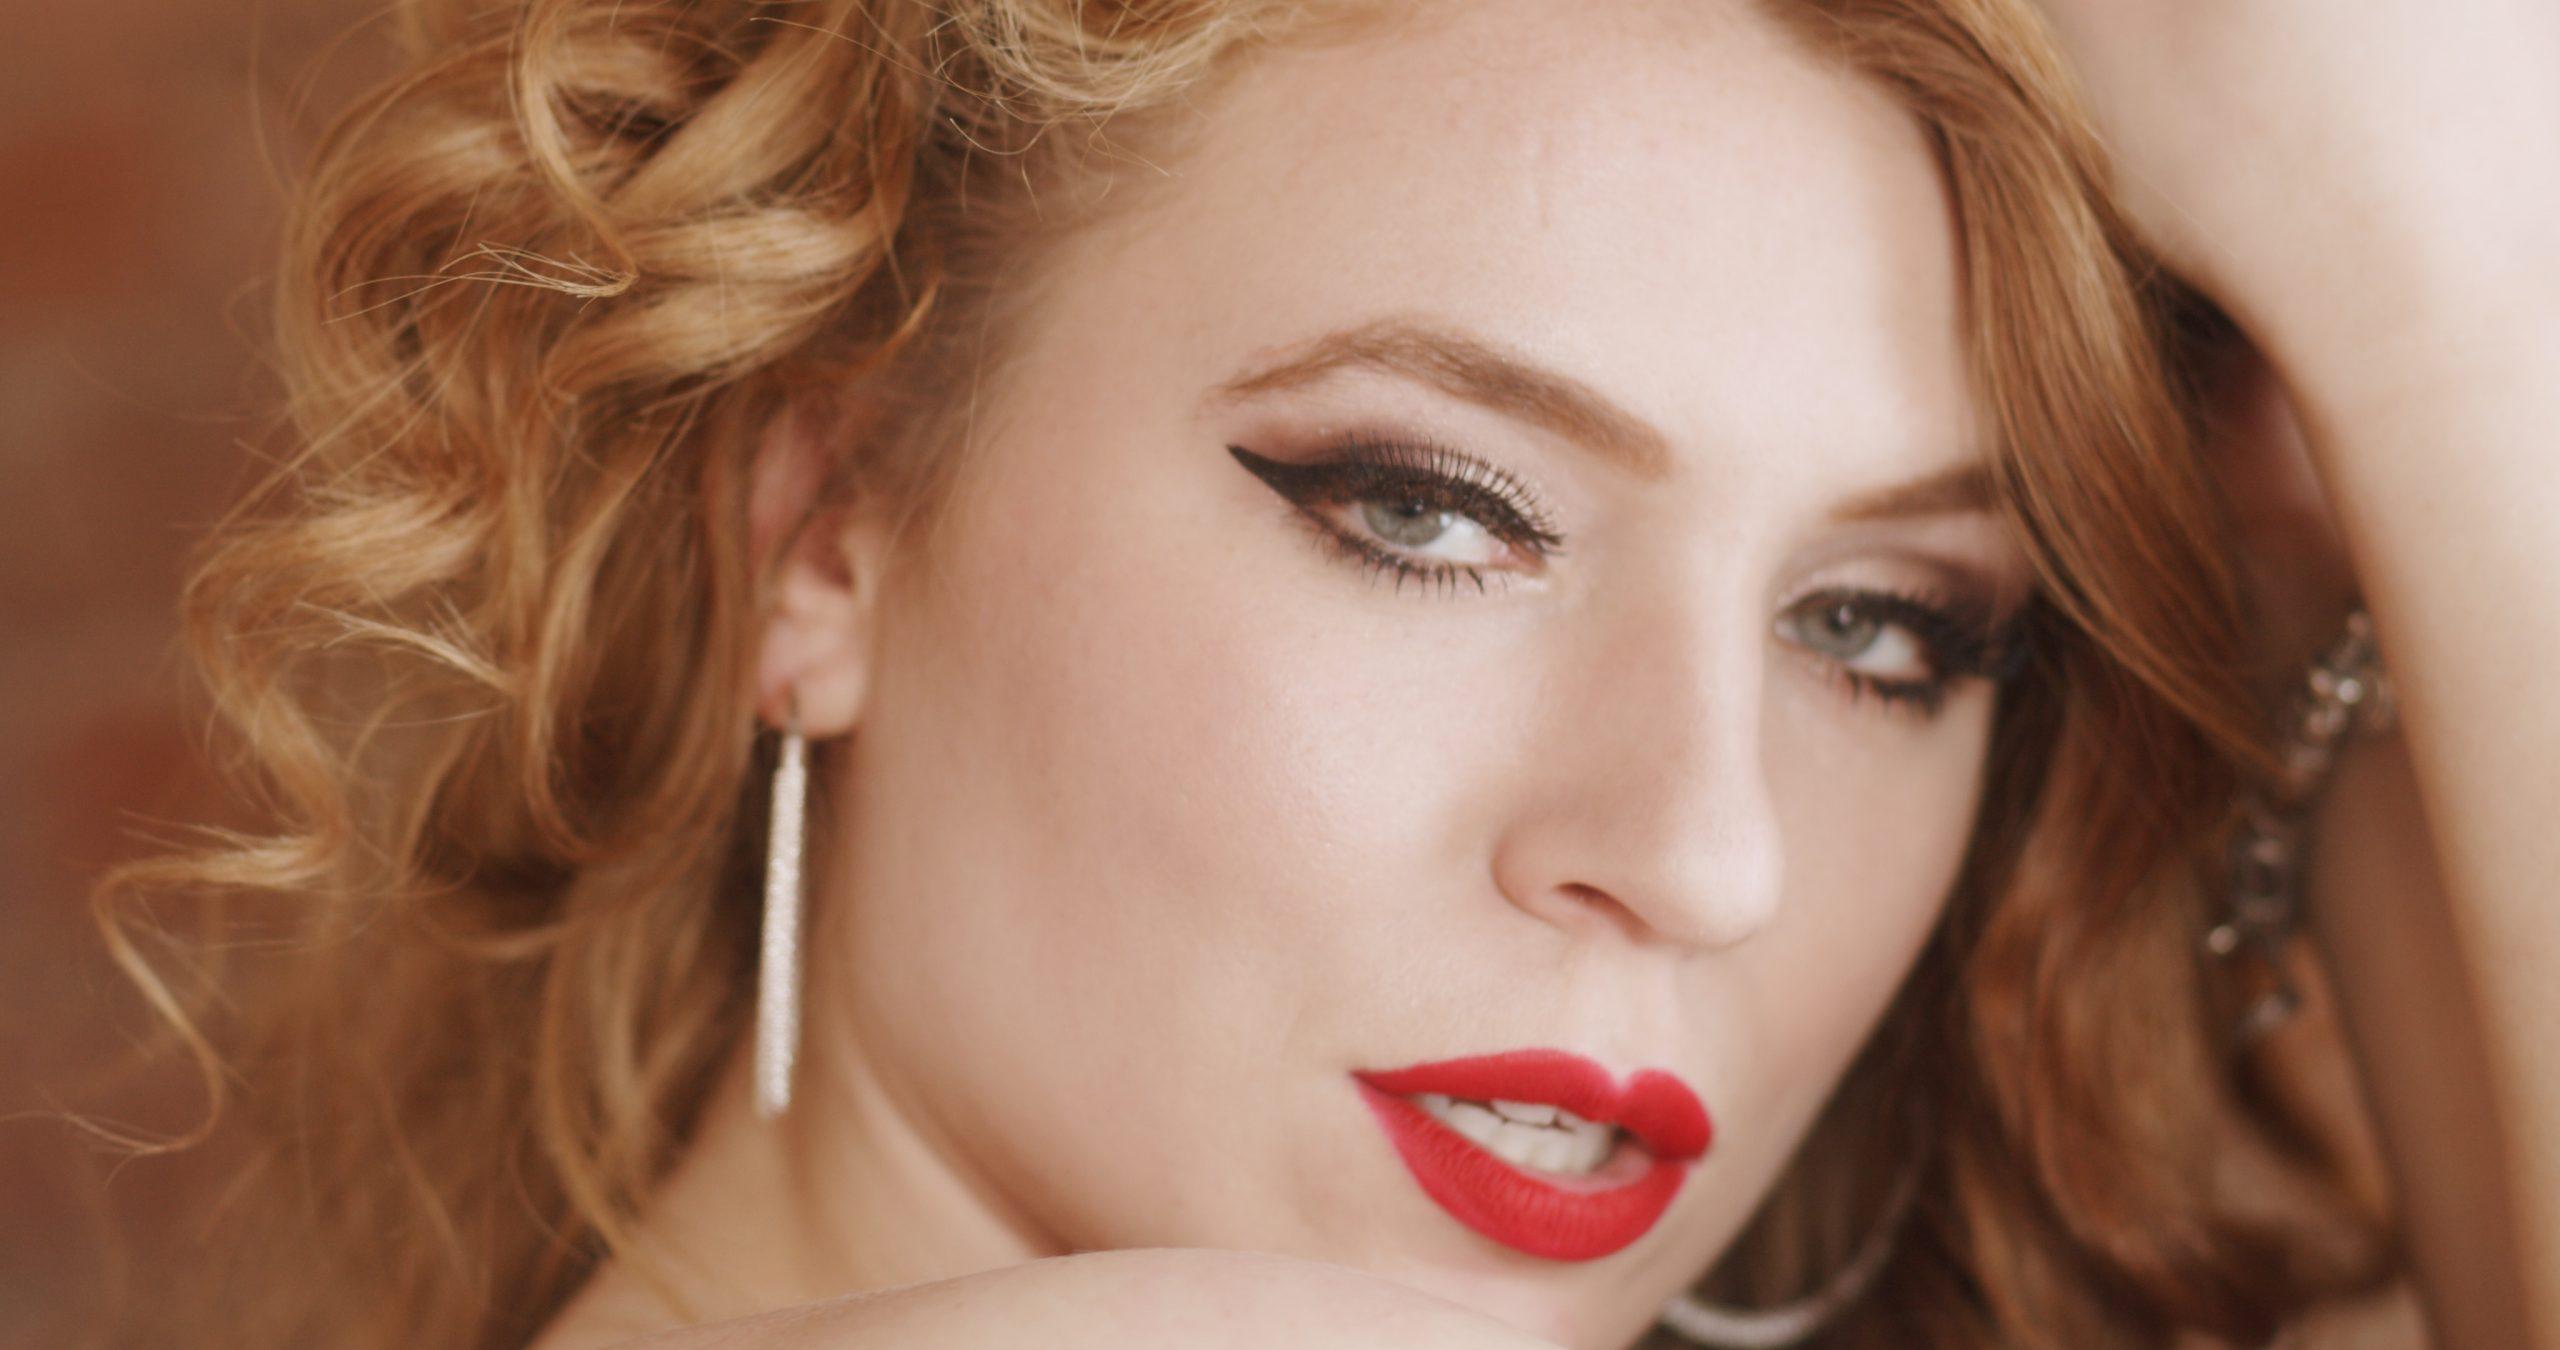 Jessica Oyer Fashion Boudoir